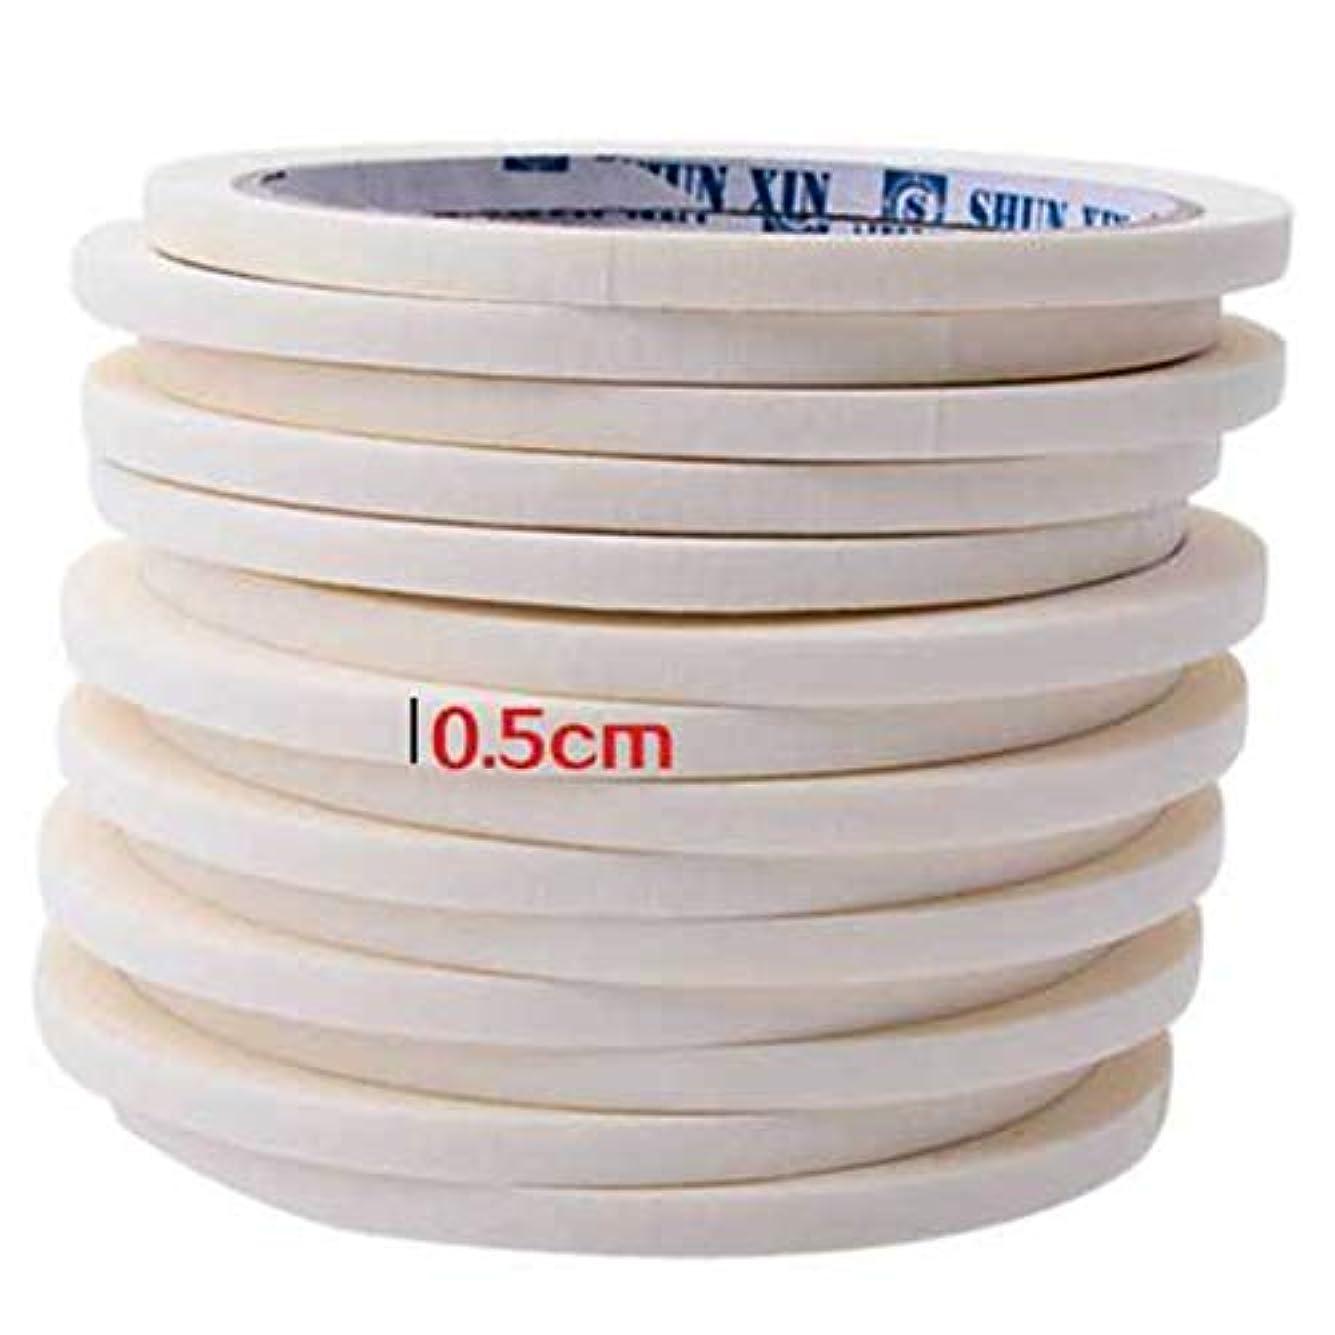 試すお風呂を持っている地域のBirdlanternネイルテープ0.5センチマスキングテープ装飾パターンネイルポリッシュツールマニキュアネイルアートネイルテープアクセサリー用マニキュア